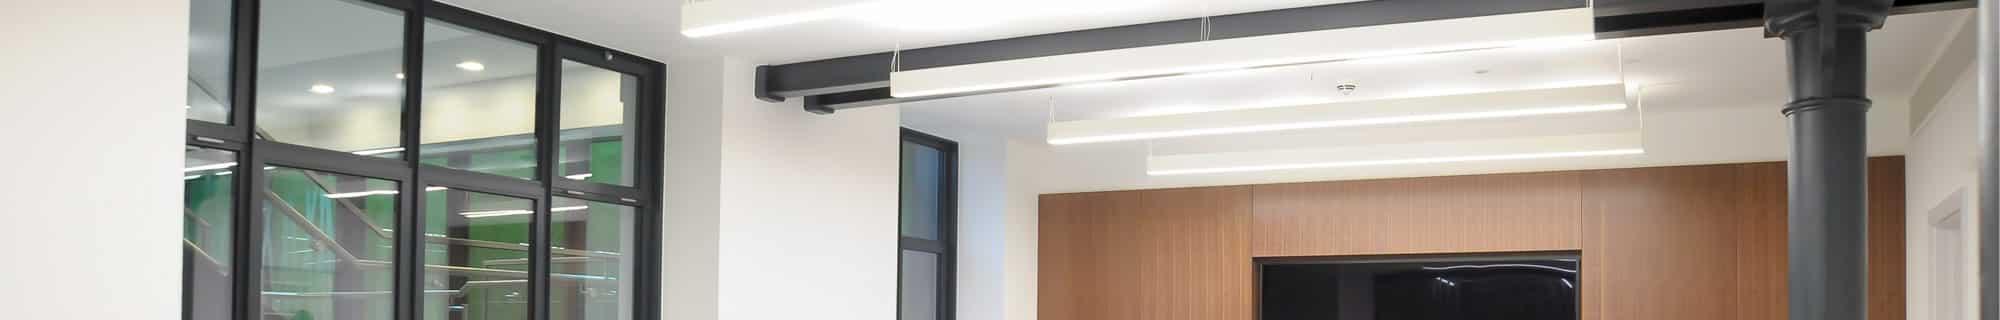 suspended lighting installation